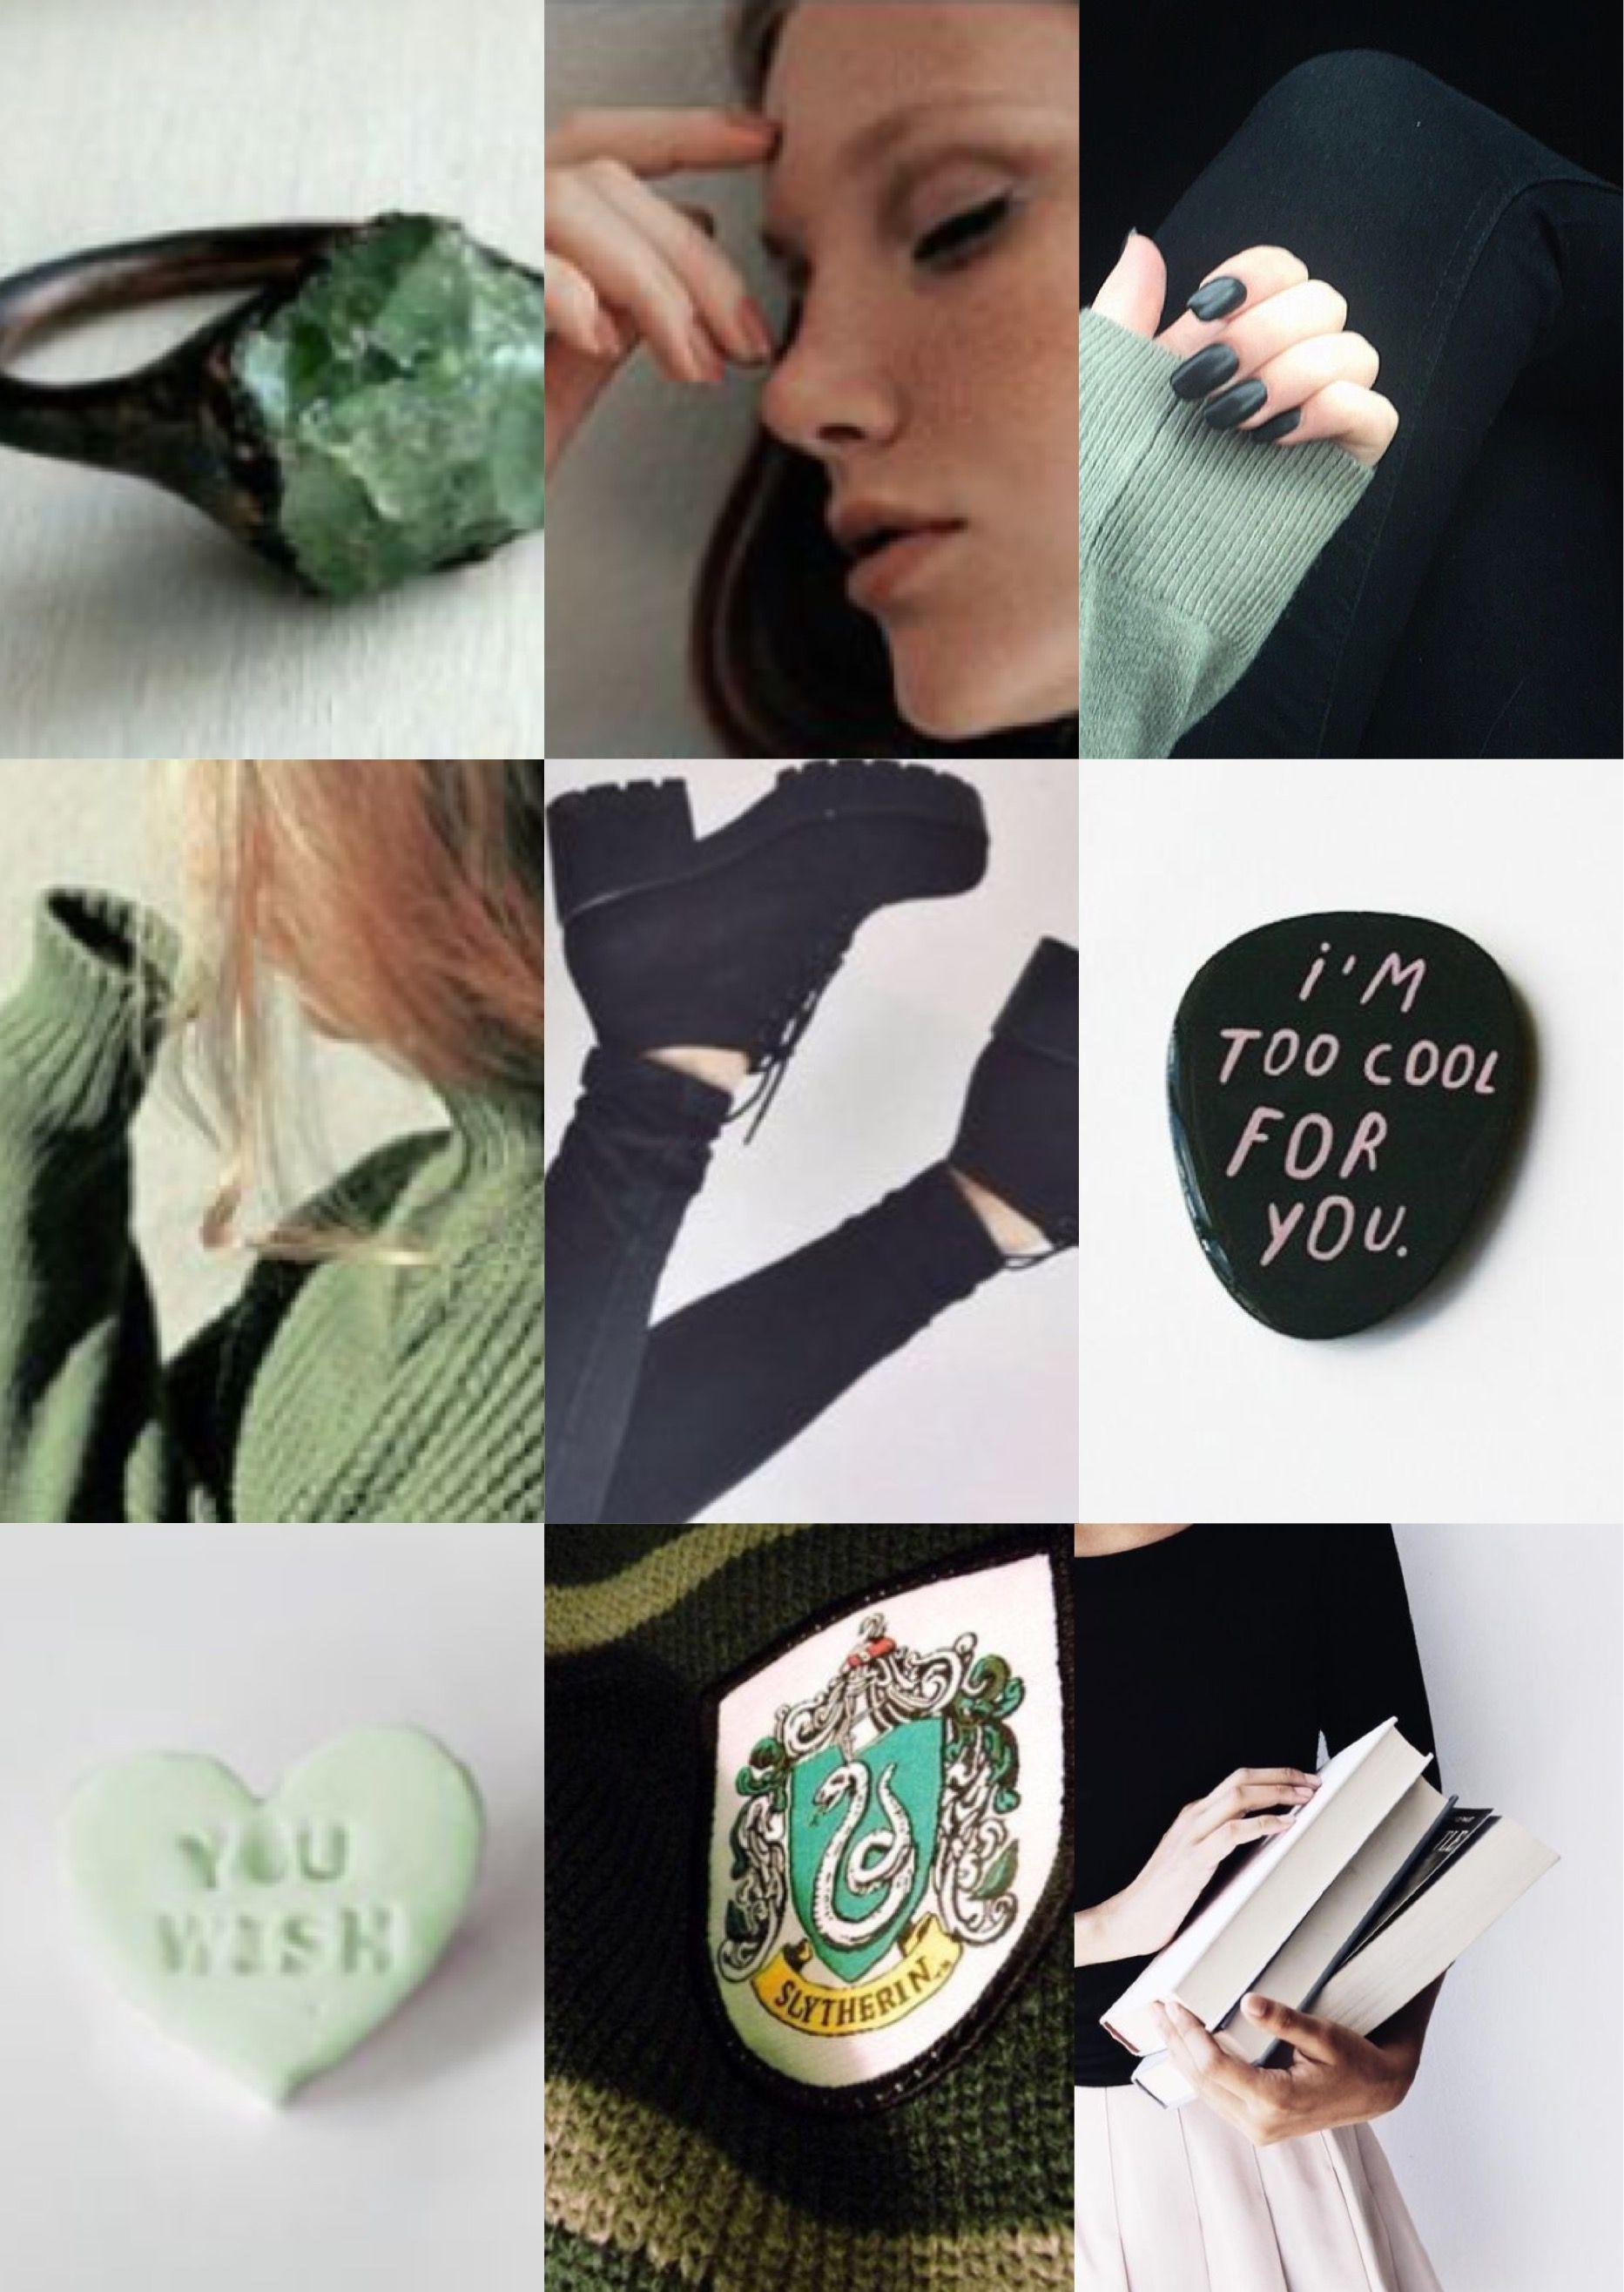 Tracey Davis Aesthetic Inspiration Harry Potter Slytherin Harry Potter Pansy Parkinson Slytherin Harry Potter Harry Potter World